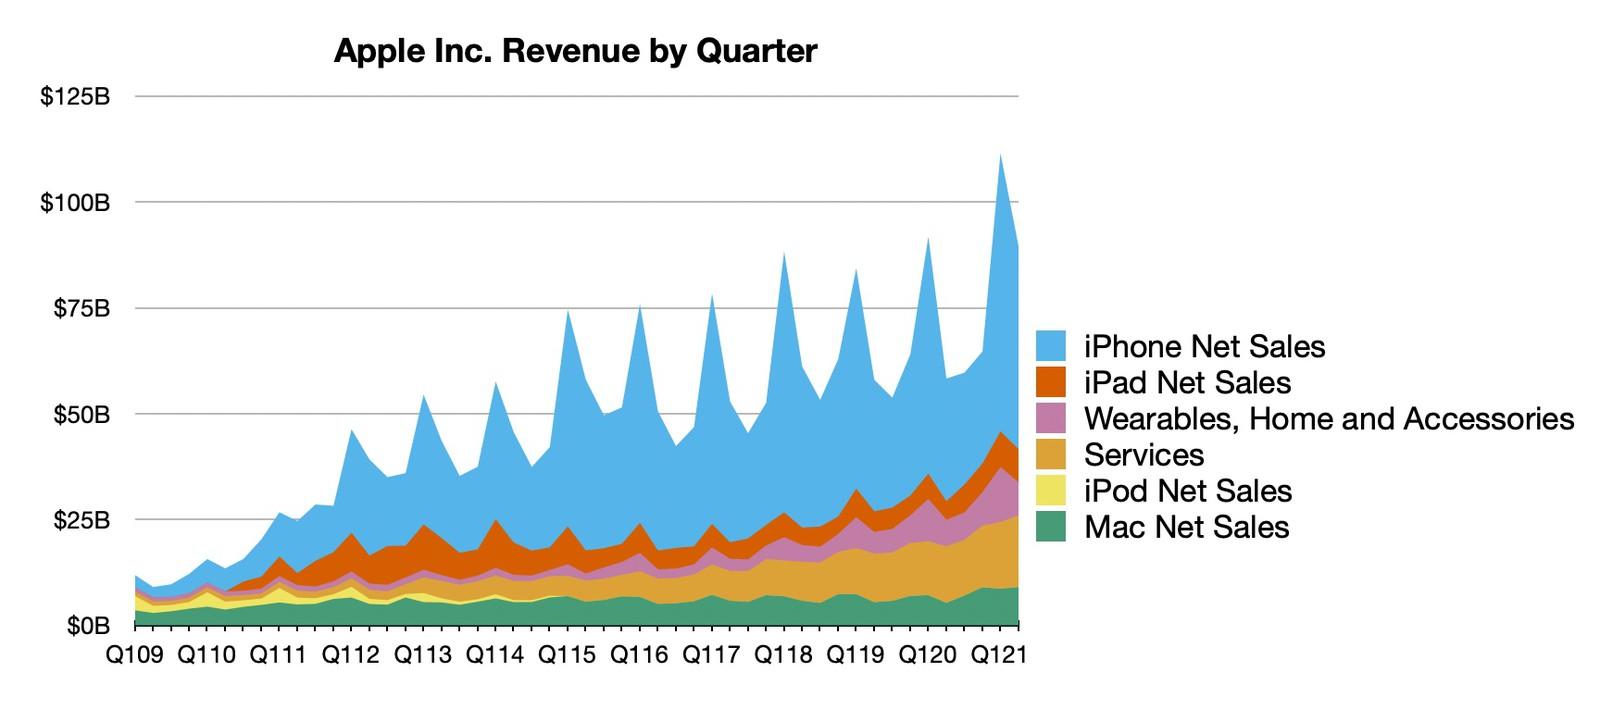 Evolución de los resultados financieros de Apple hasta el primer trimestre de 2021